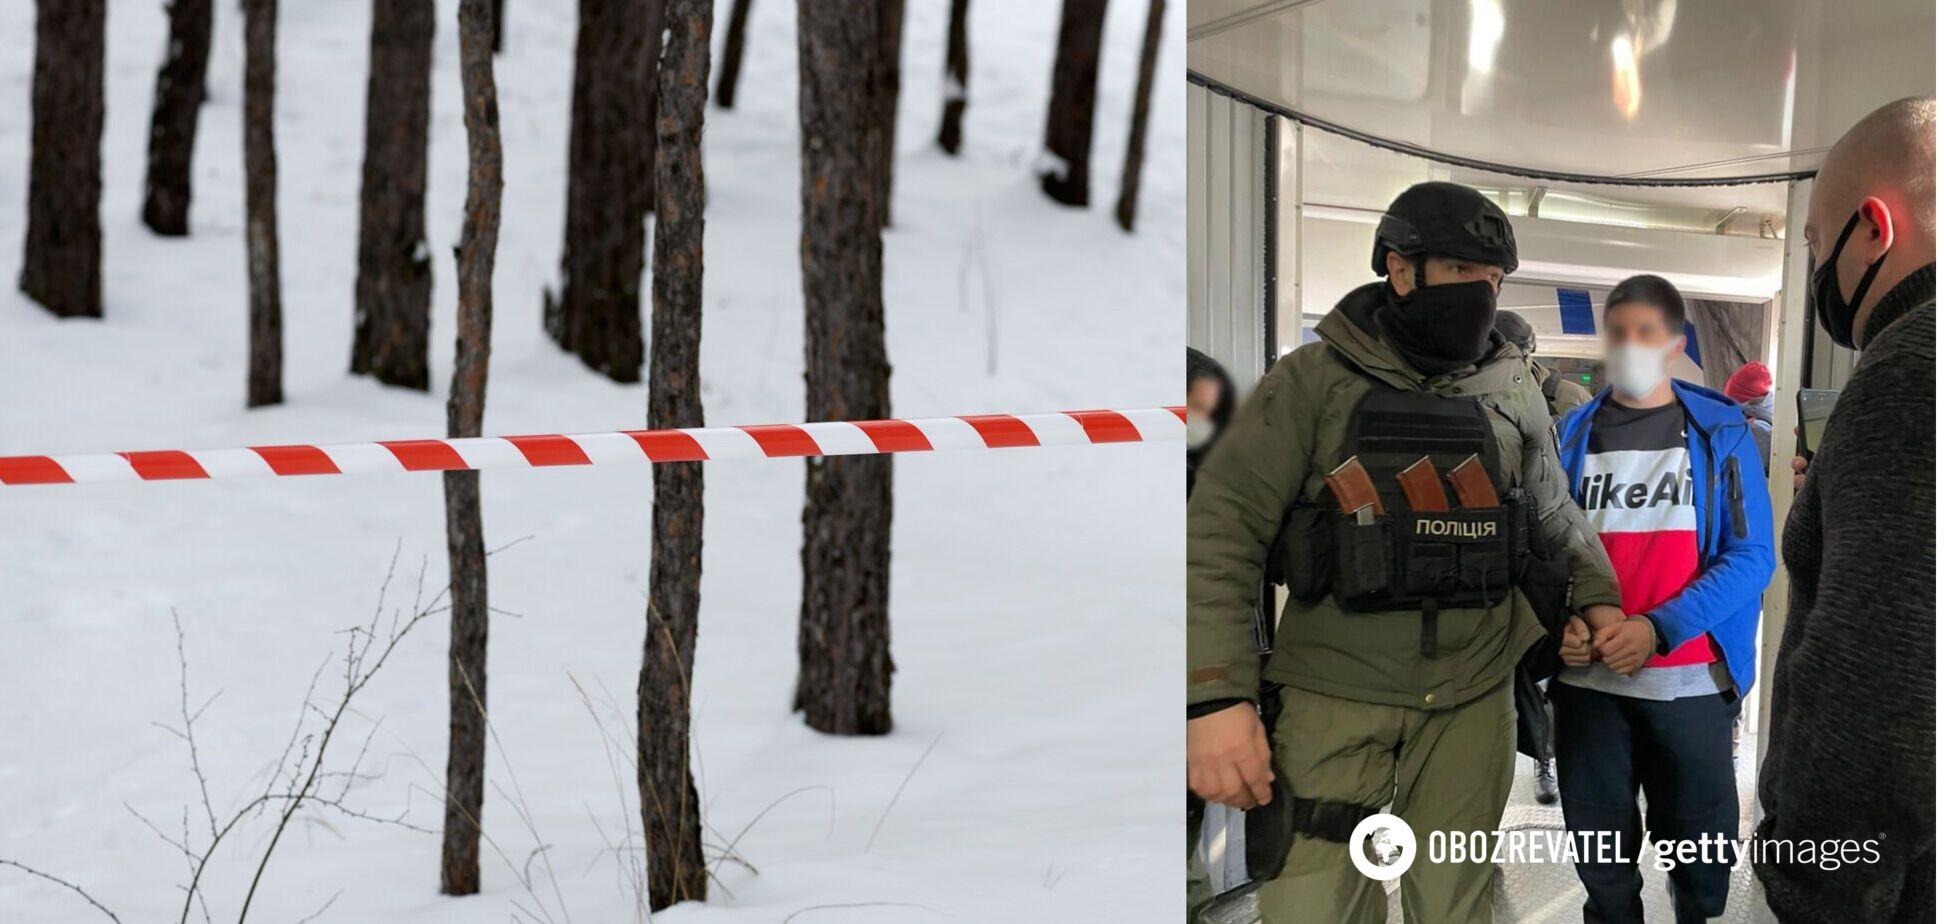 Убийство в Гидропарке Киева: полиция задержала злоумышленника, бежавшего в Турцию. Фото